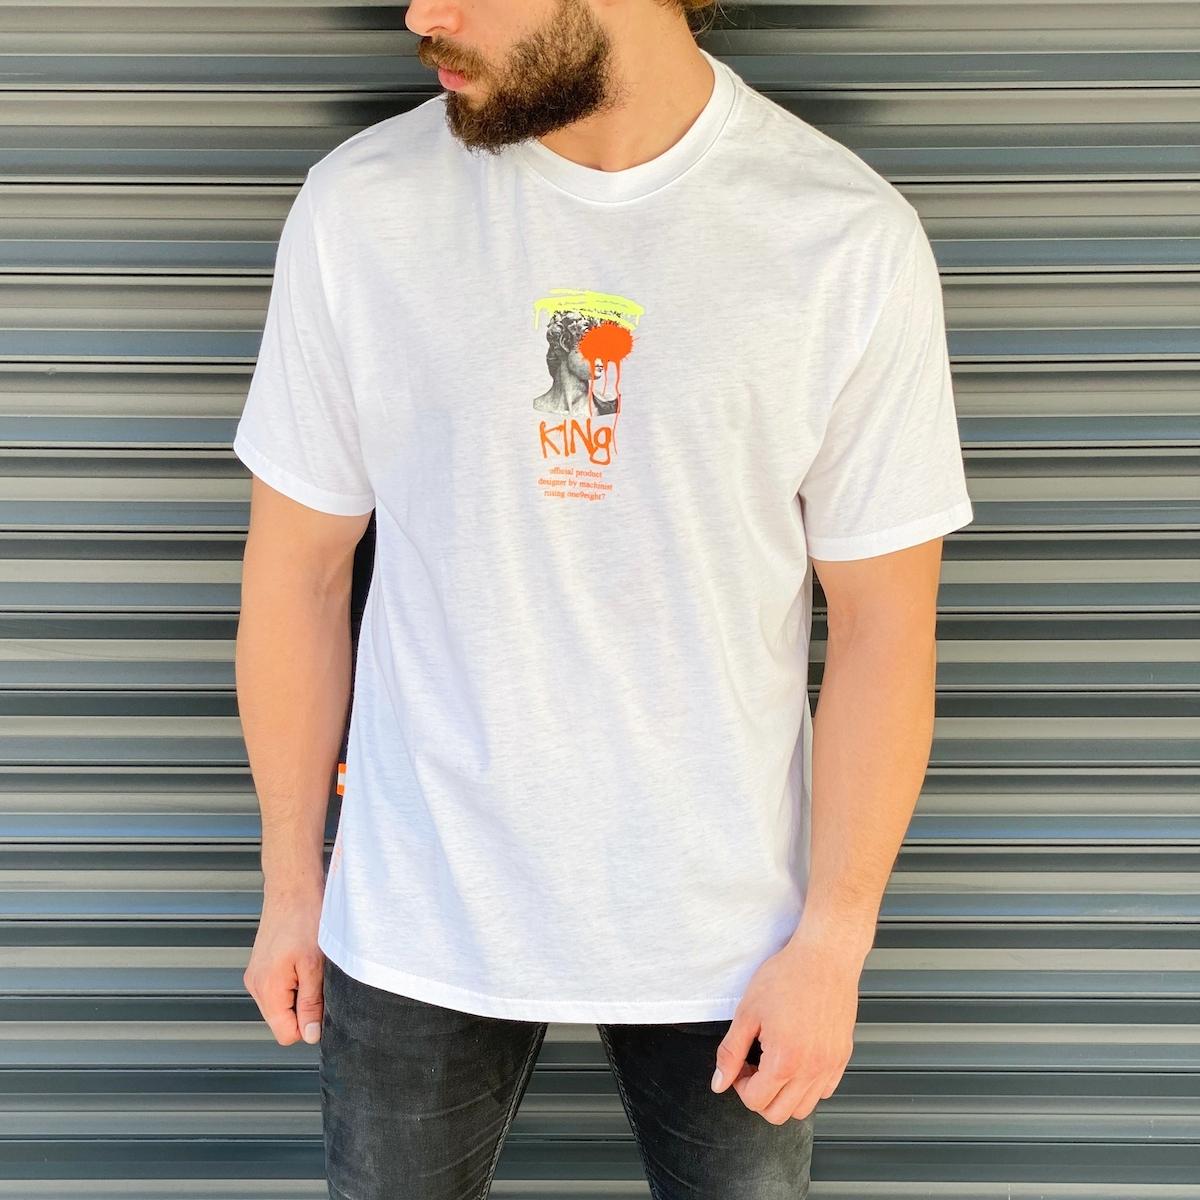 Erkek Tasarım Baskılı Beyaz Tişört